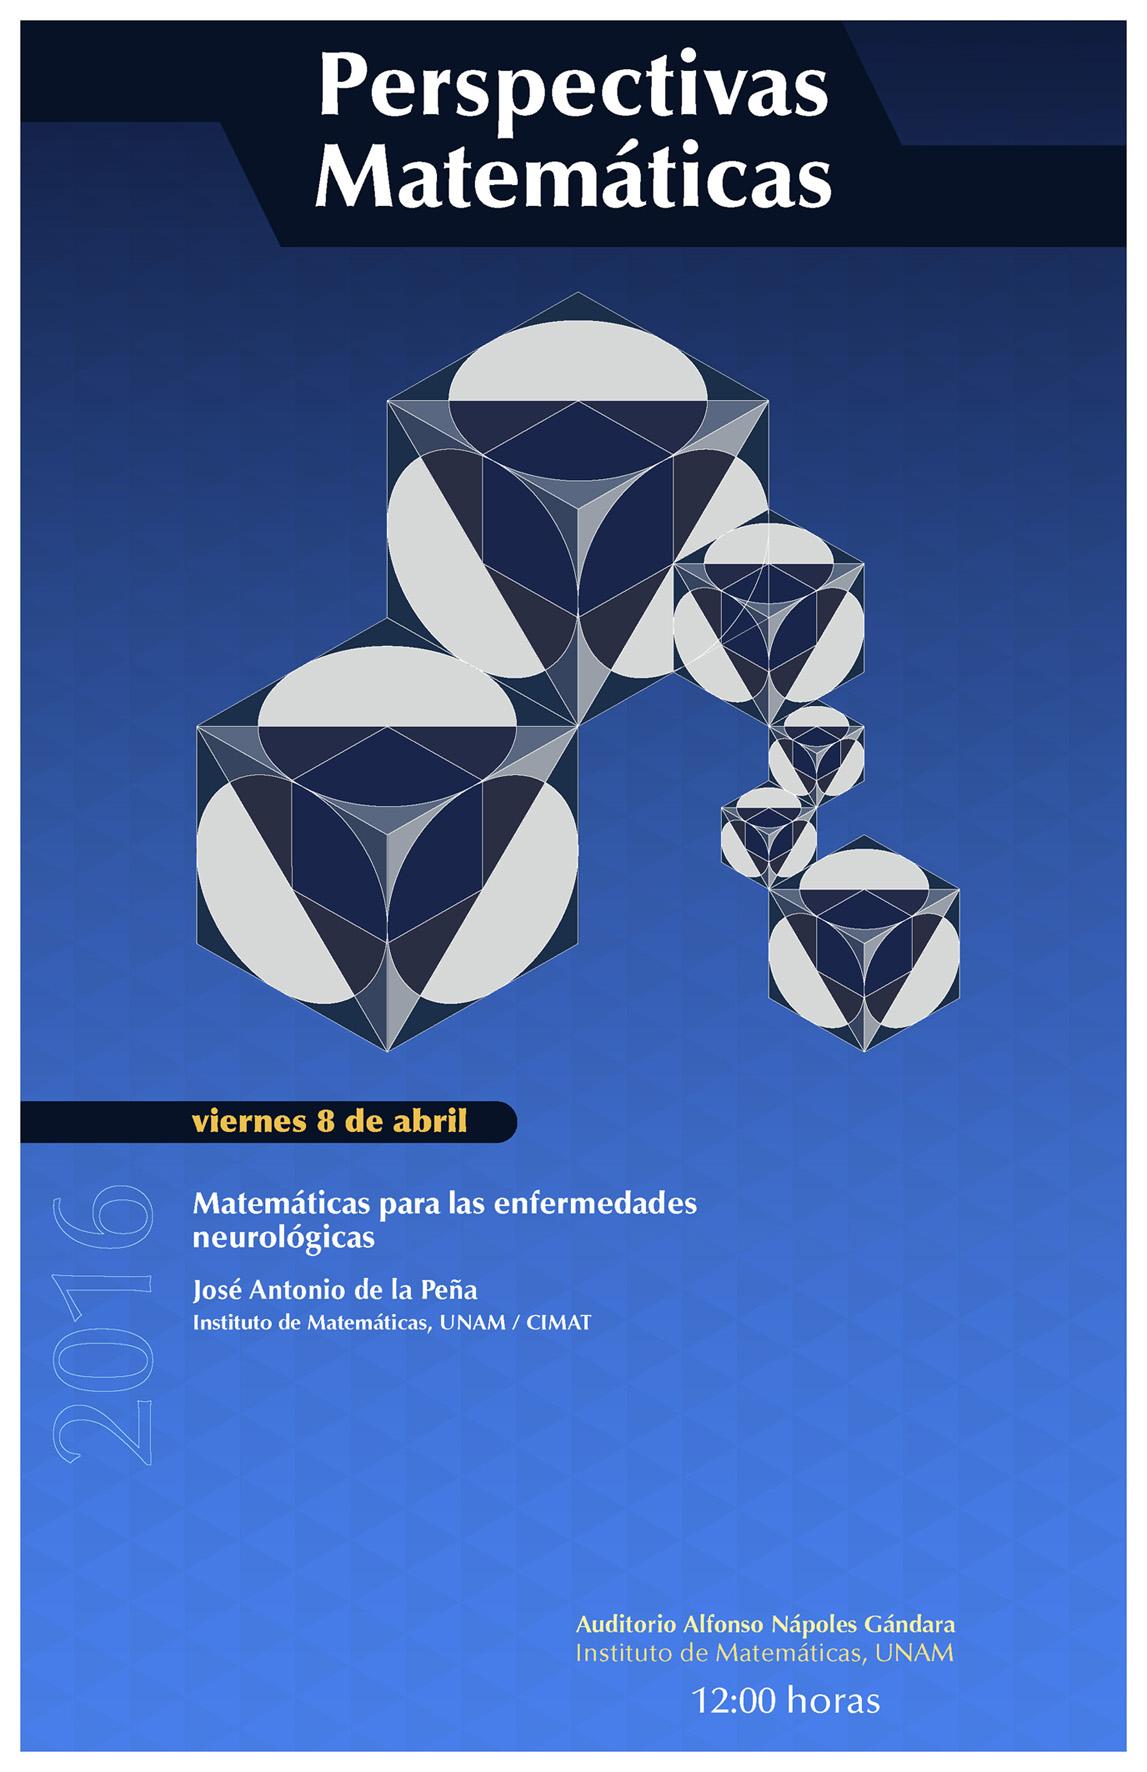 Perspectivas Matemáticas: abril